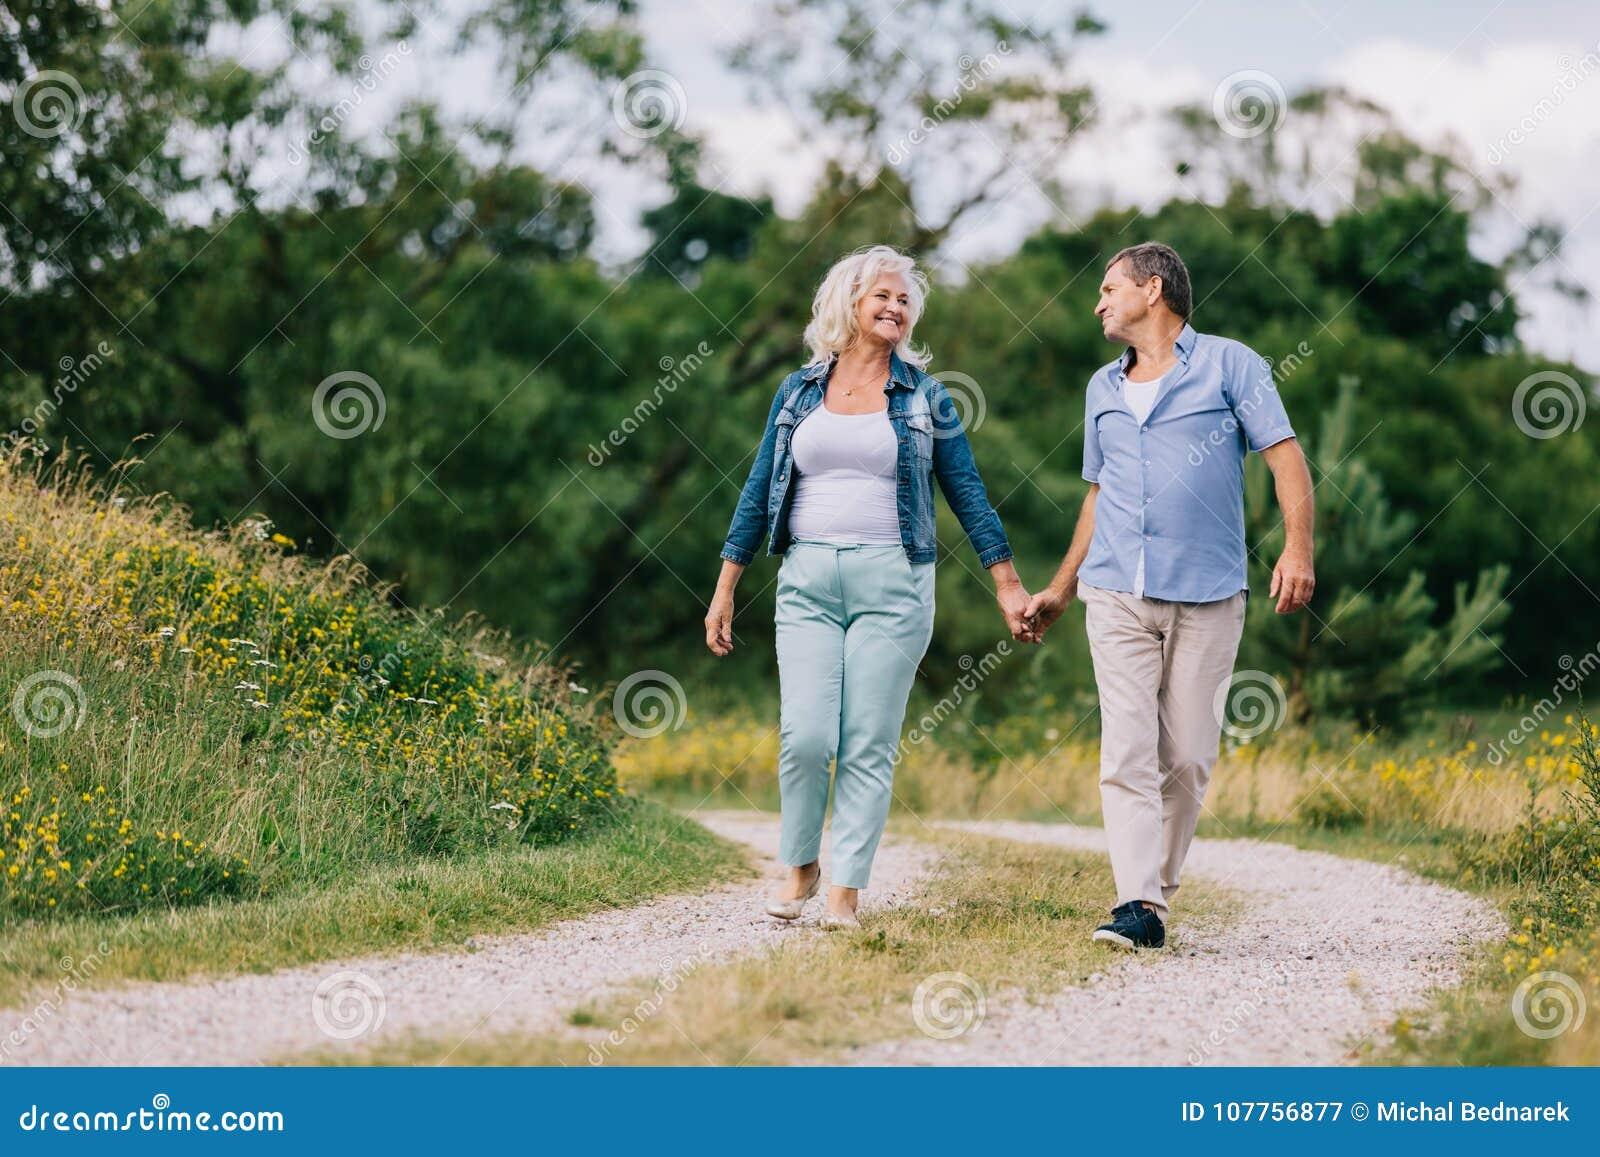 Coppie anziane che camminano sul percorso